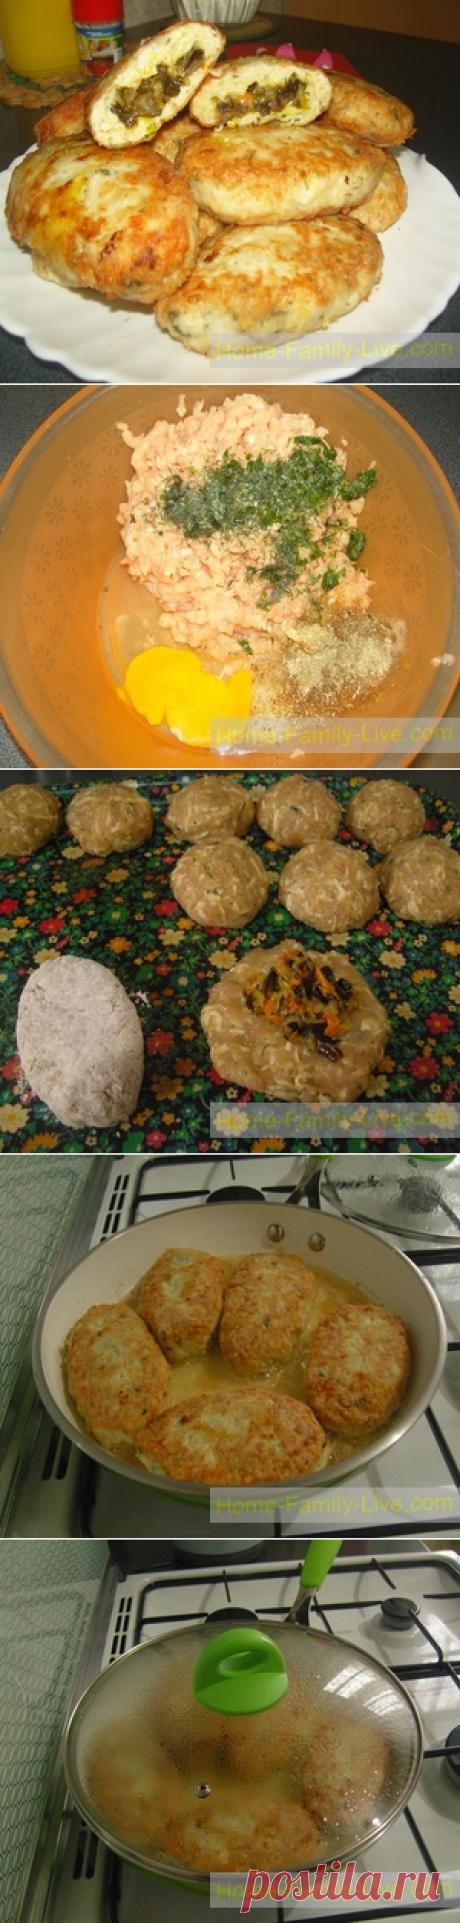 Котлеты с начинкой/Сайт с пошаговыми рецептами с фото для тех кто любит готовить